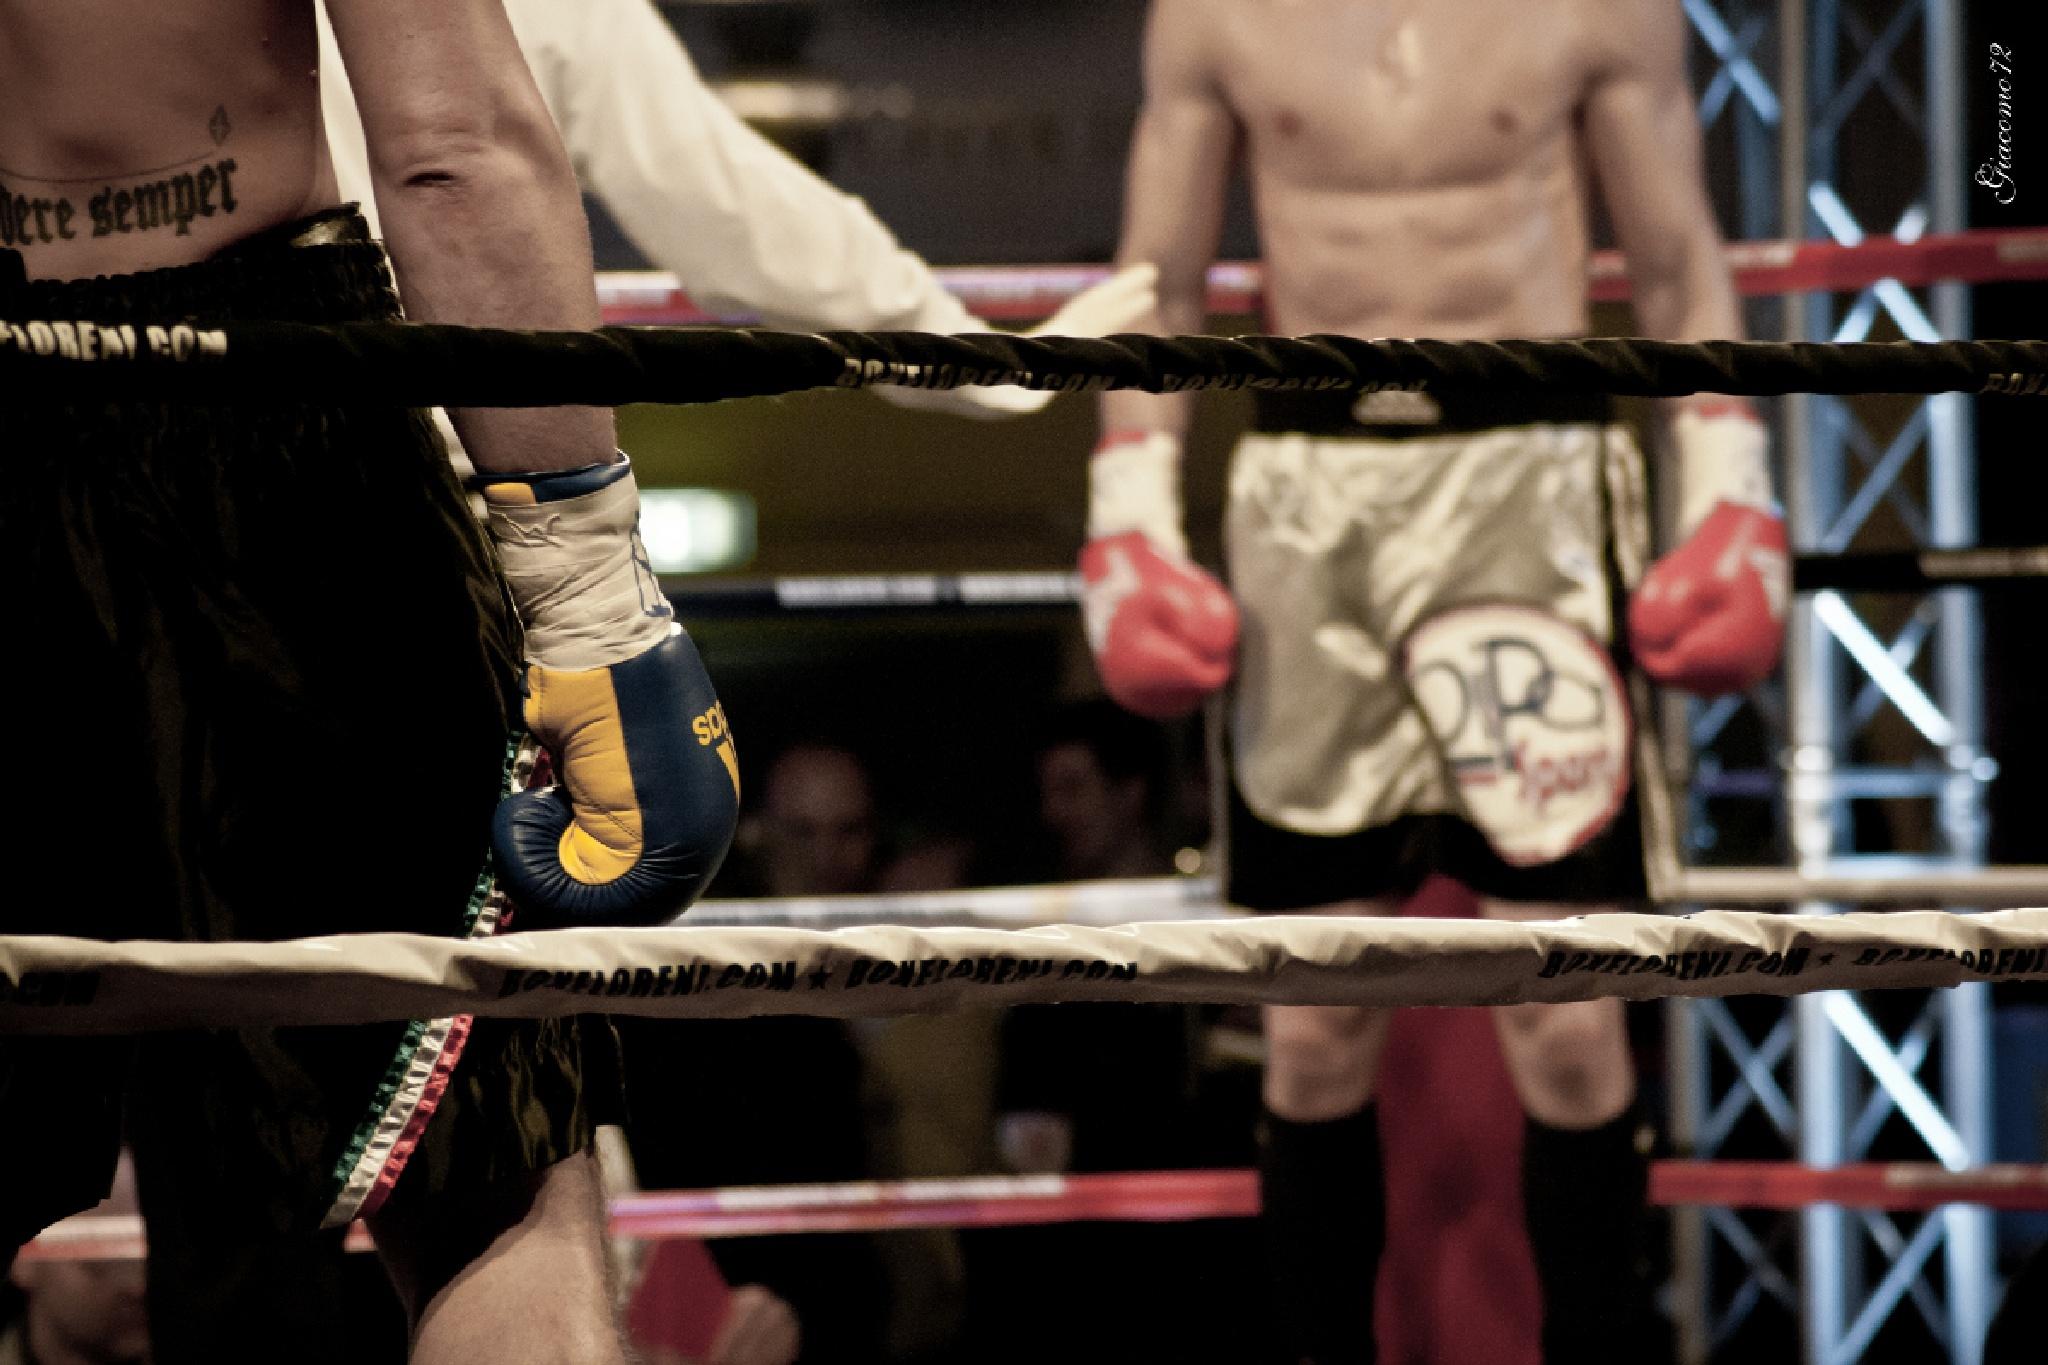 Uno scatto per la boxe by Giacomo72